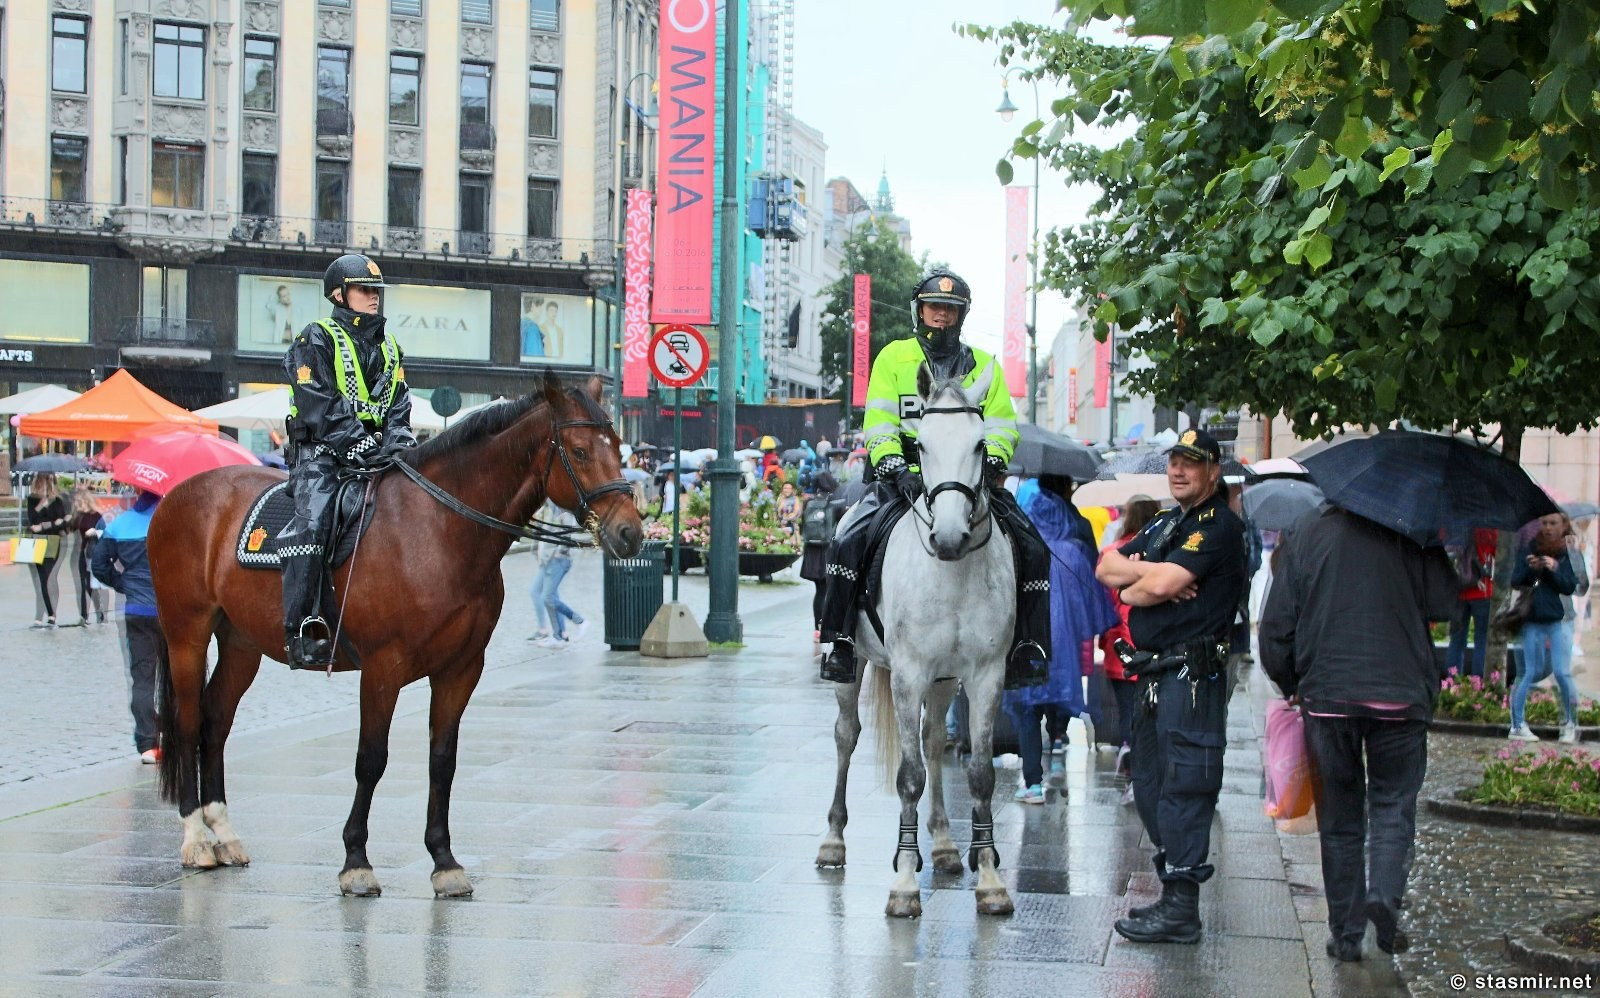 норвежские конные полицейские в Осло, фото Стасмир, photo Stasmir